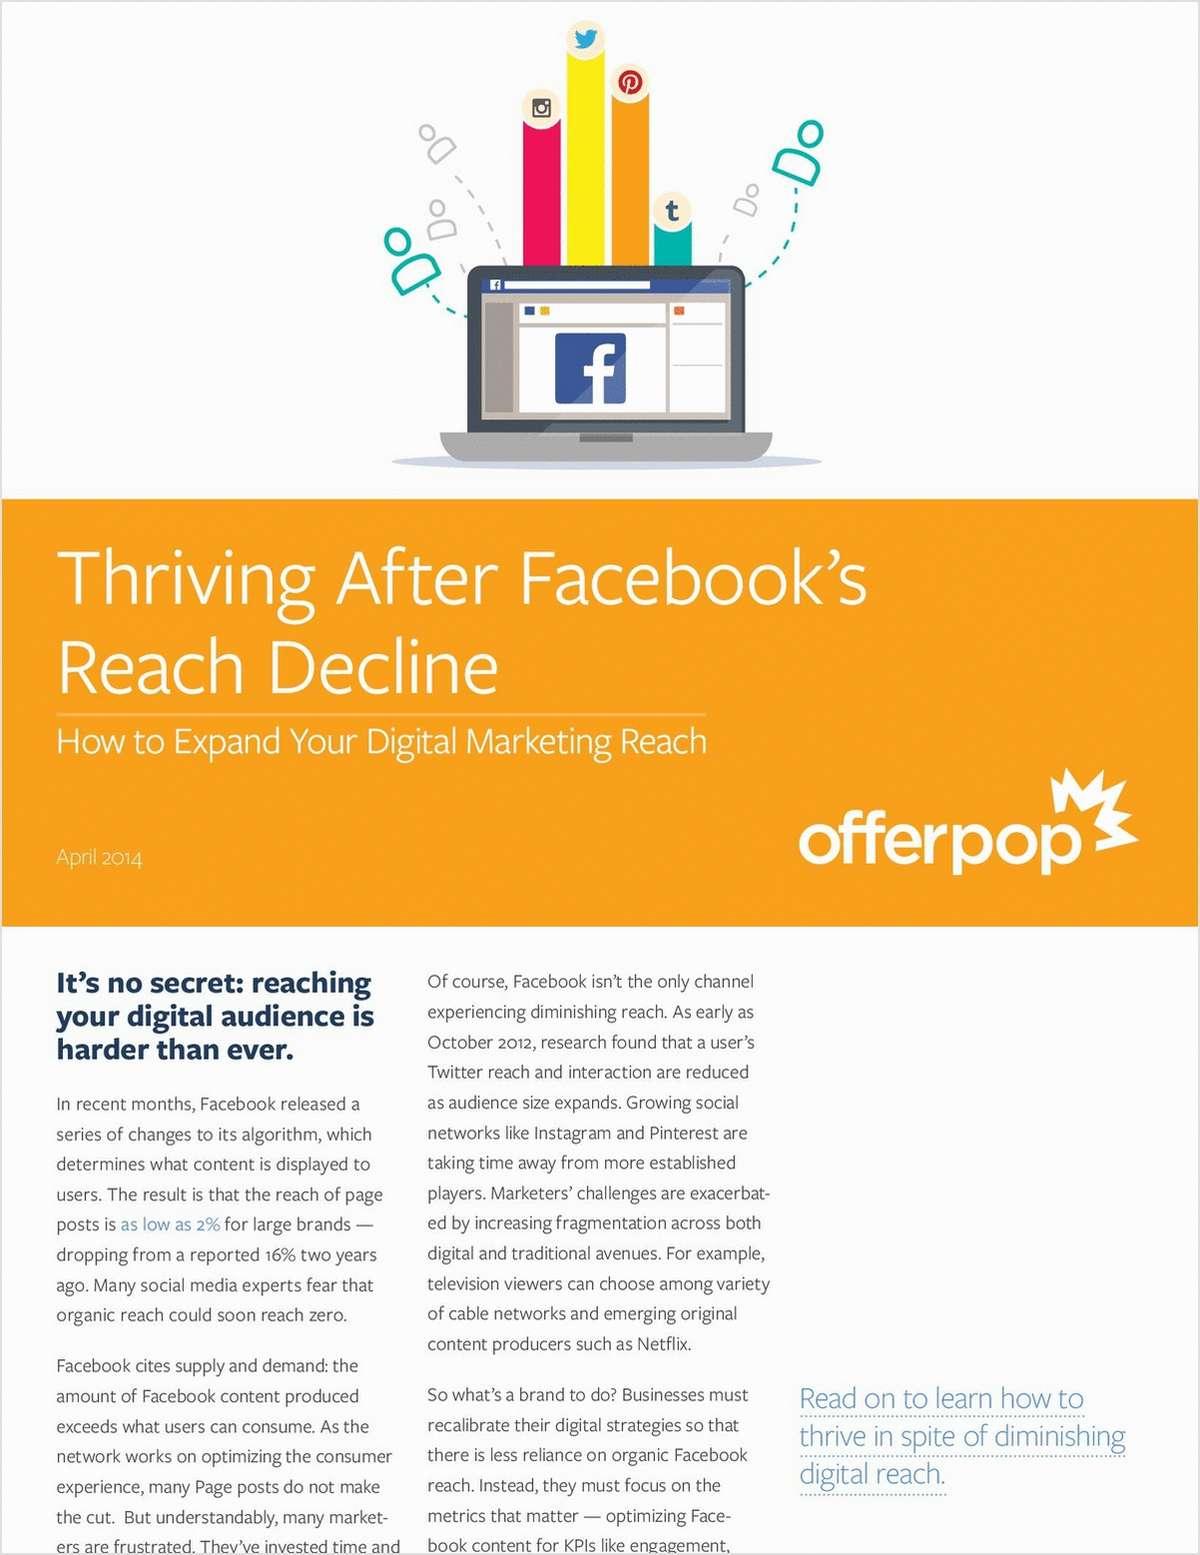 Thriving after Facebook's Reach Decline